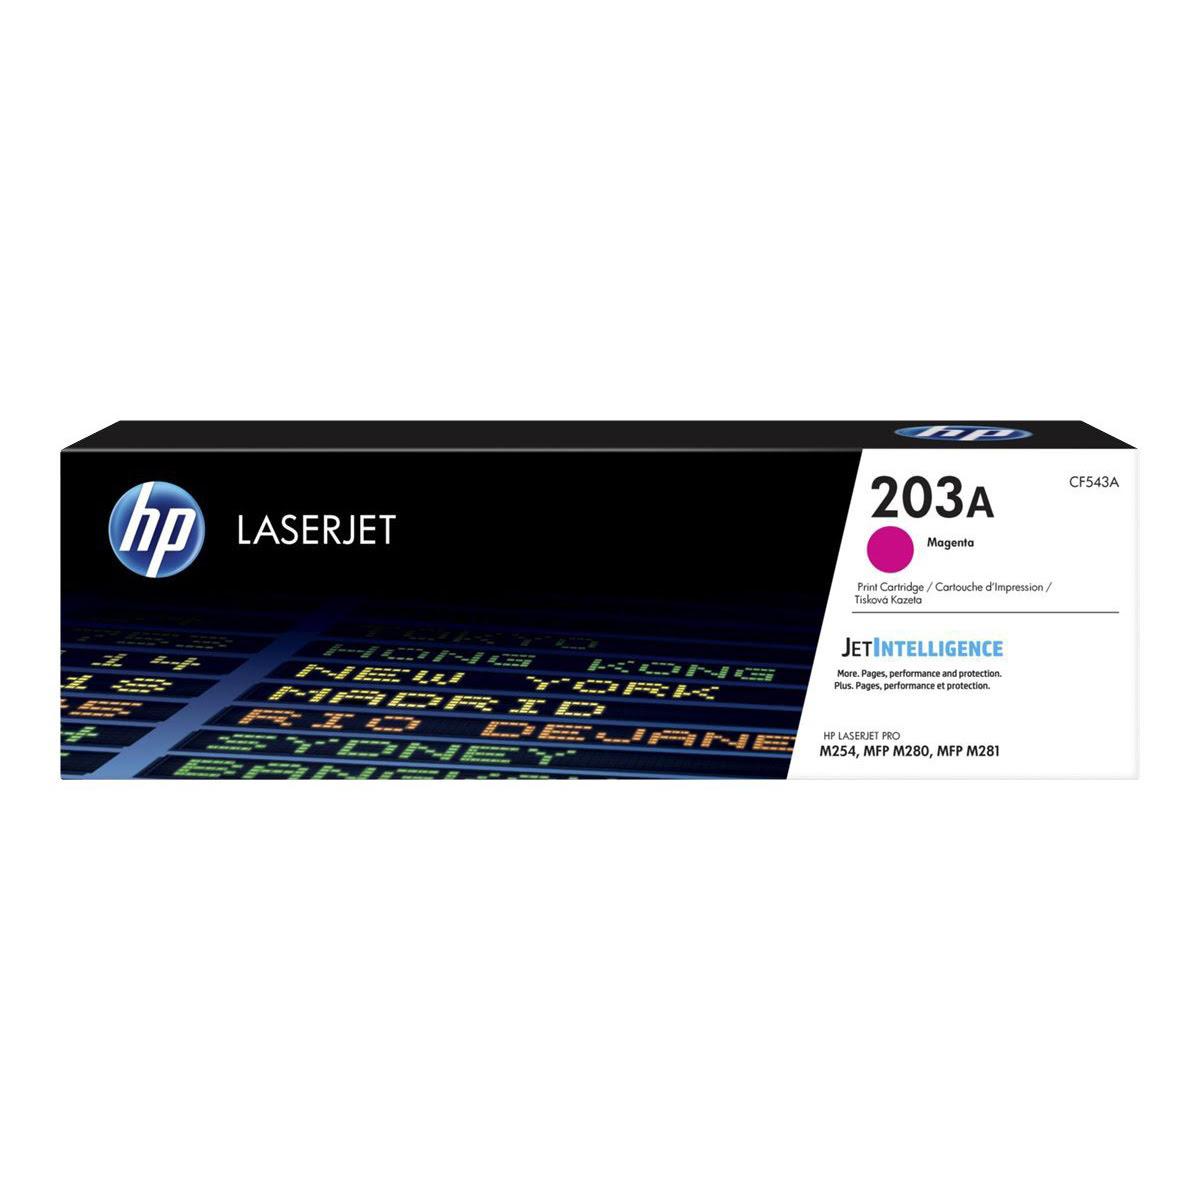 Toner Magenta 203A 1300 pages - CF543A pour imprimante  HP - 0